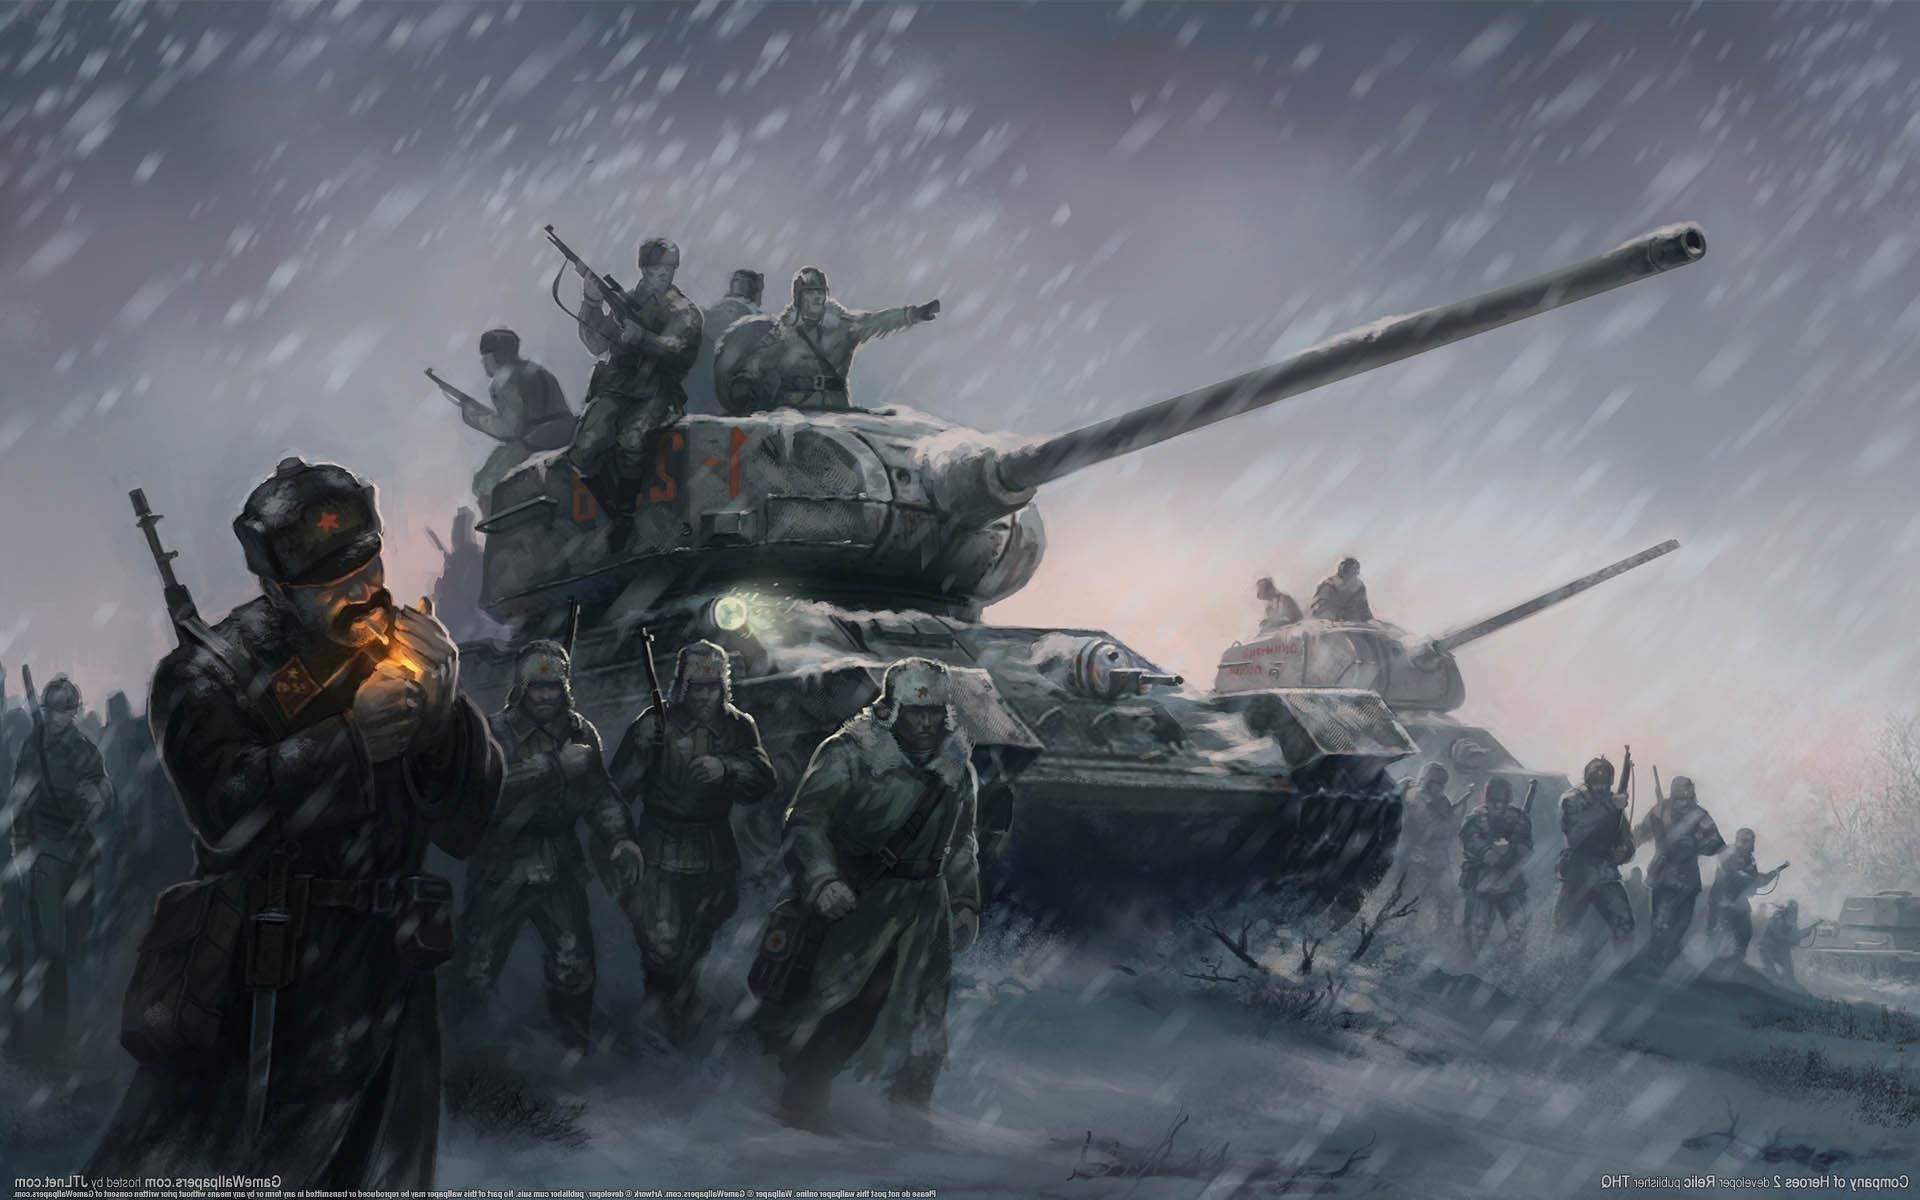 world war 2 wallpaper hd (62+ images)